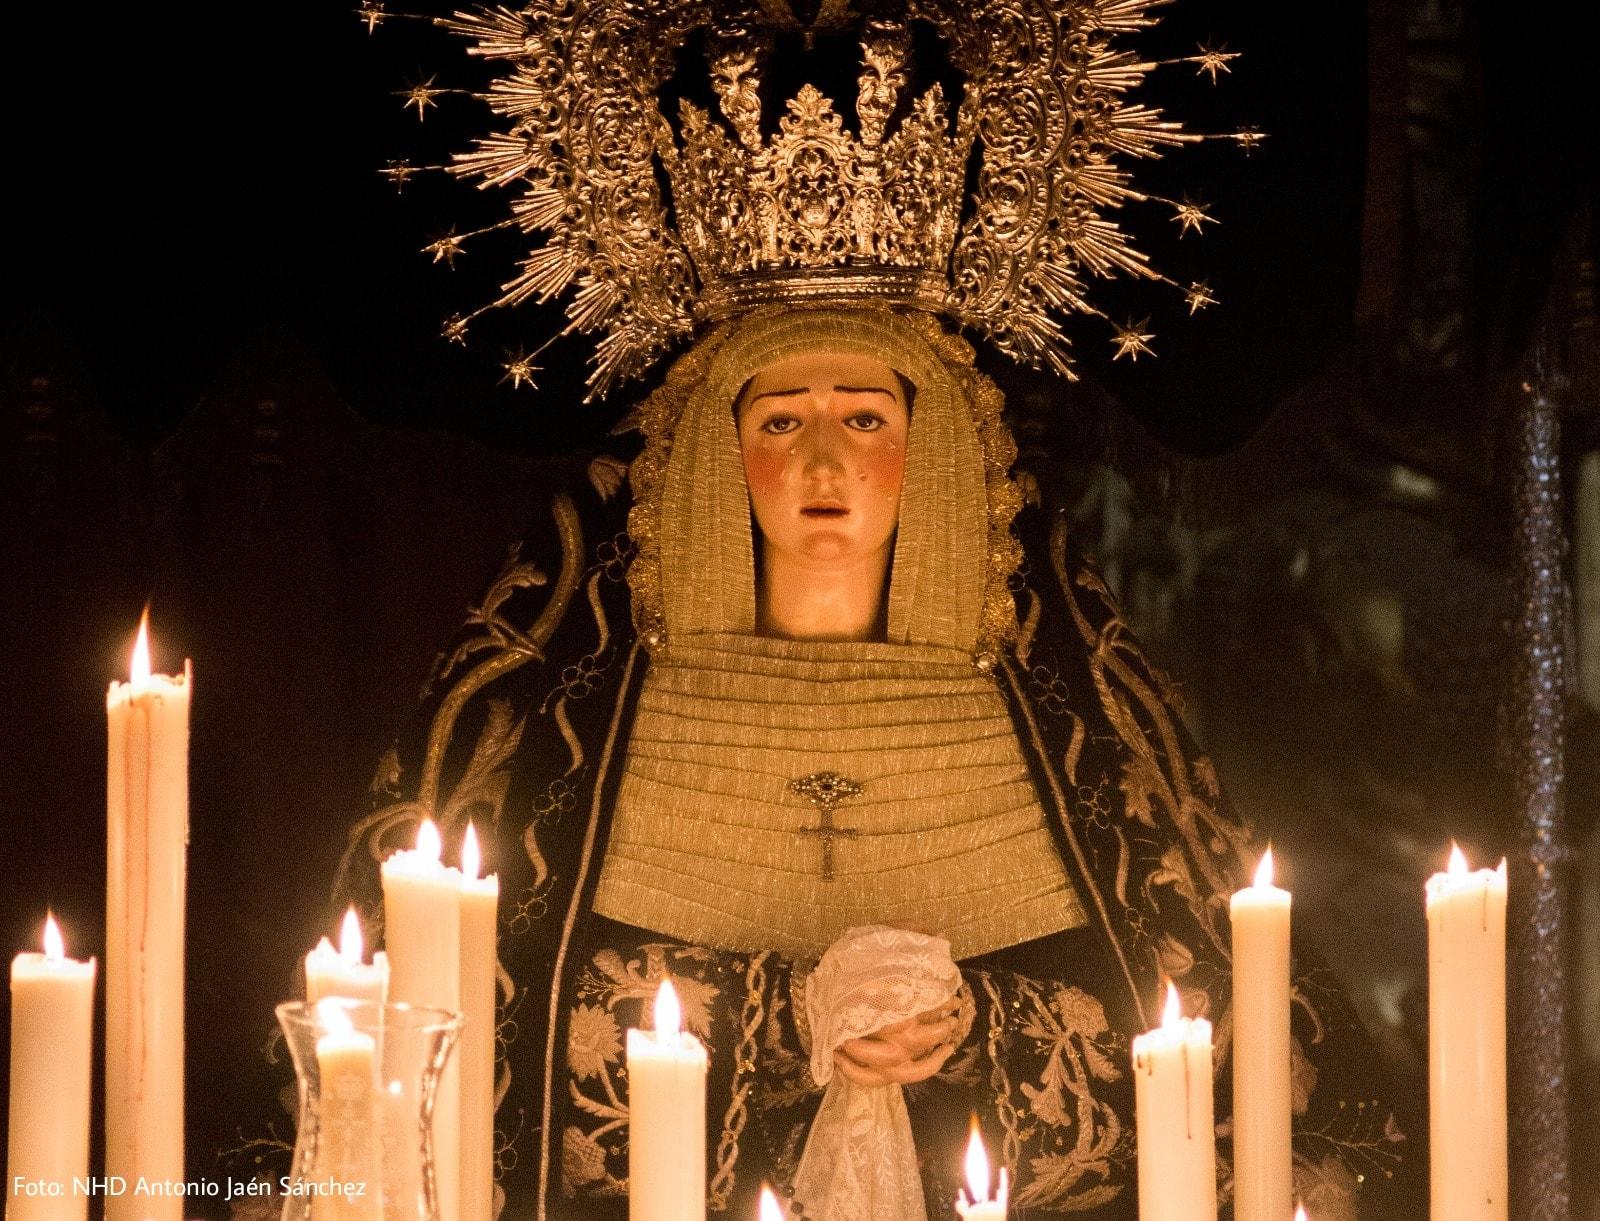 Jornada histórica junto a la Virgen de la Soledad en Arcos